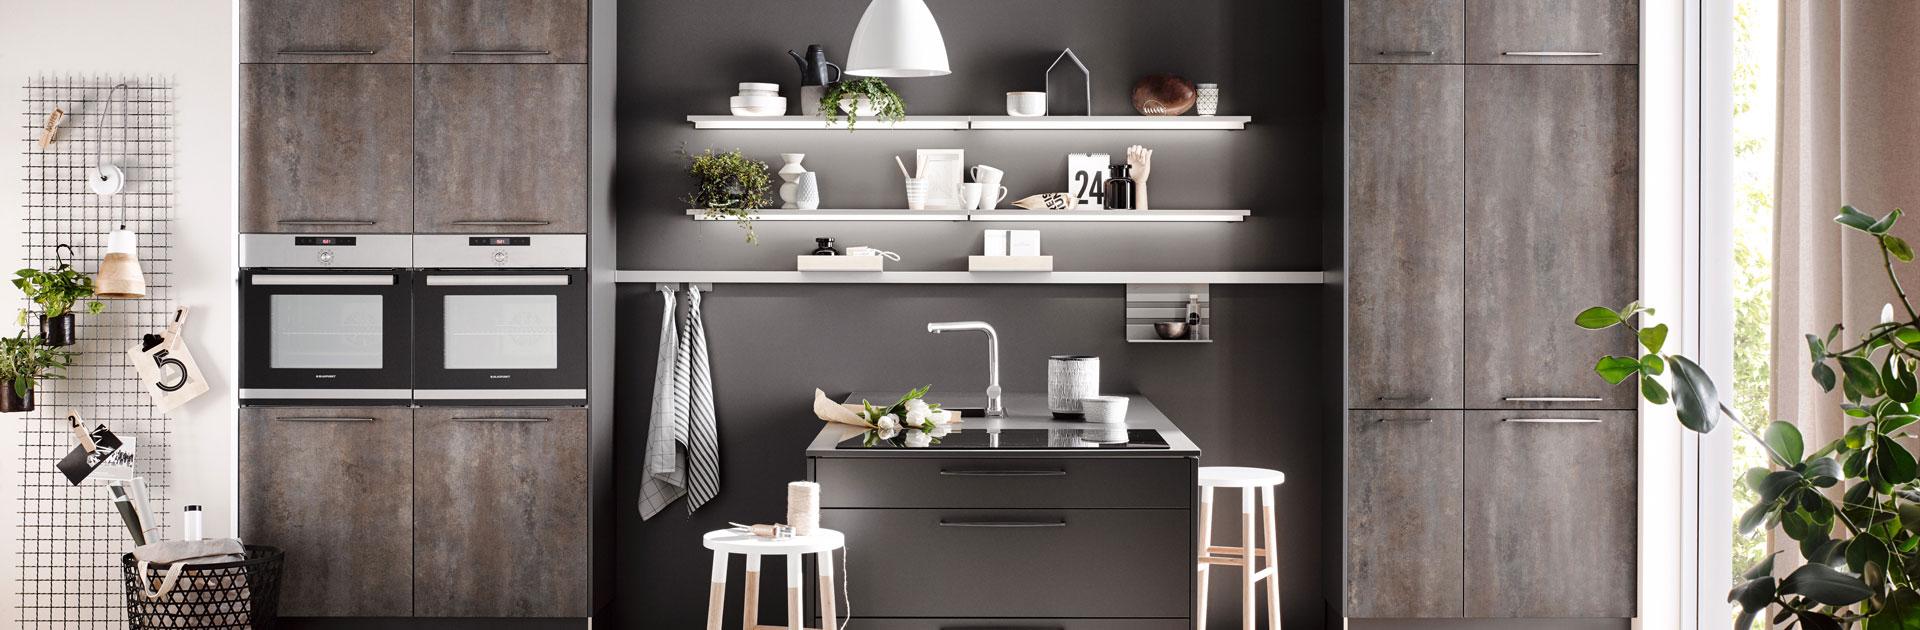 ECOOK keuken in betonlook | Eigenhuis Keukens